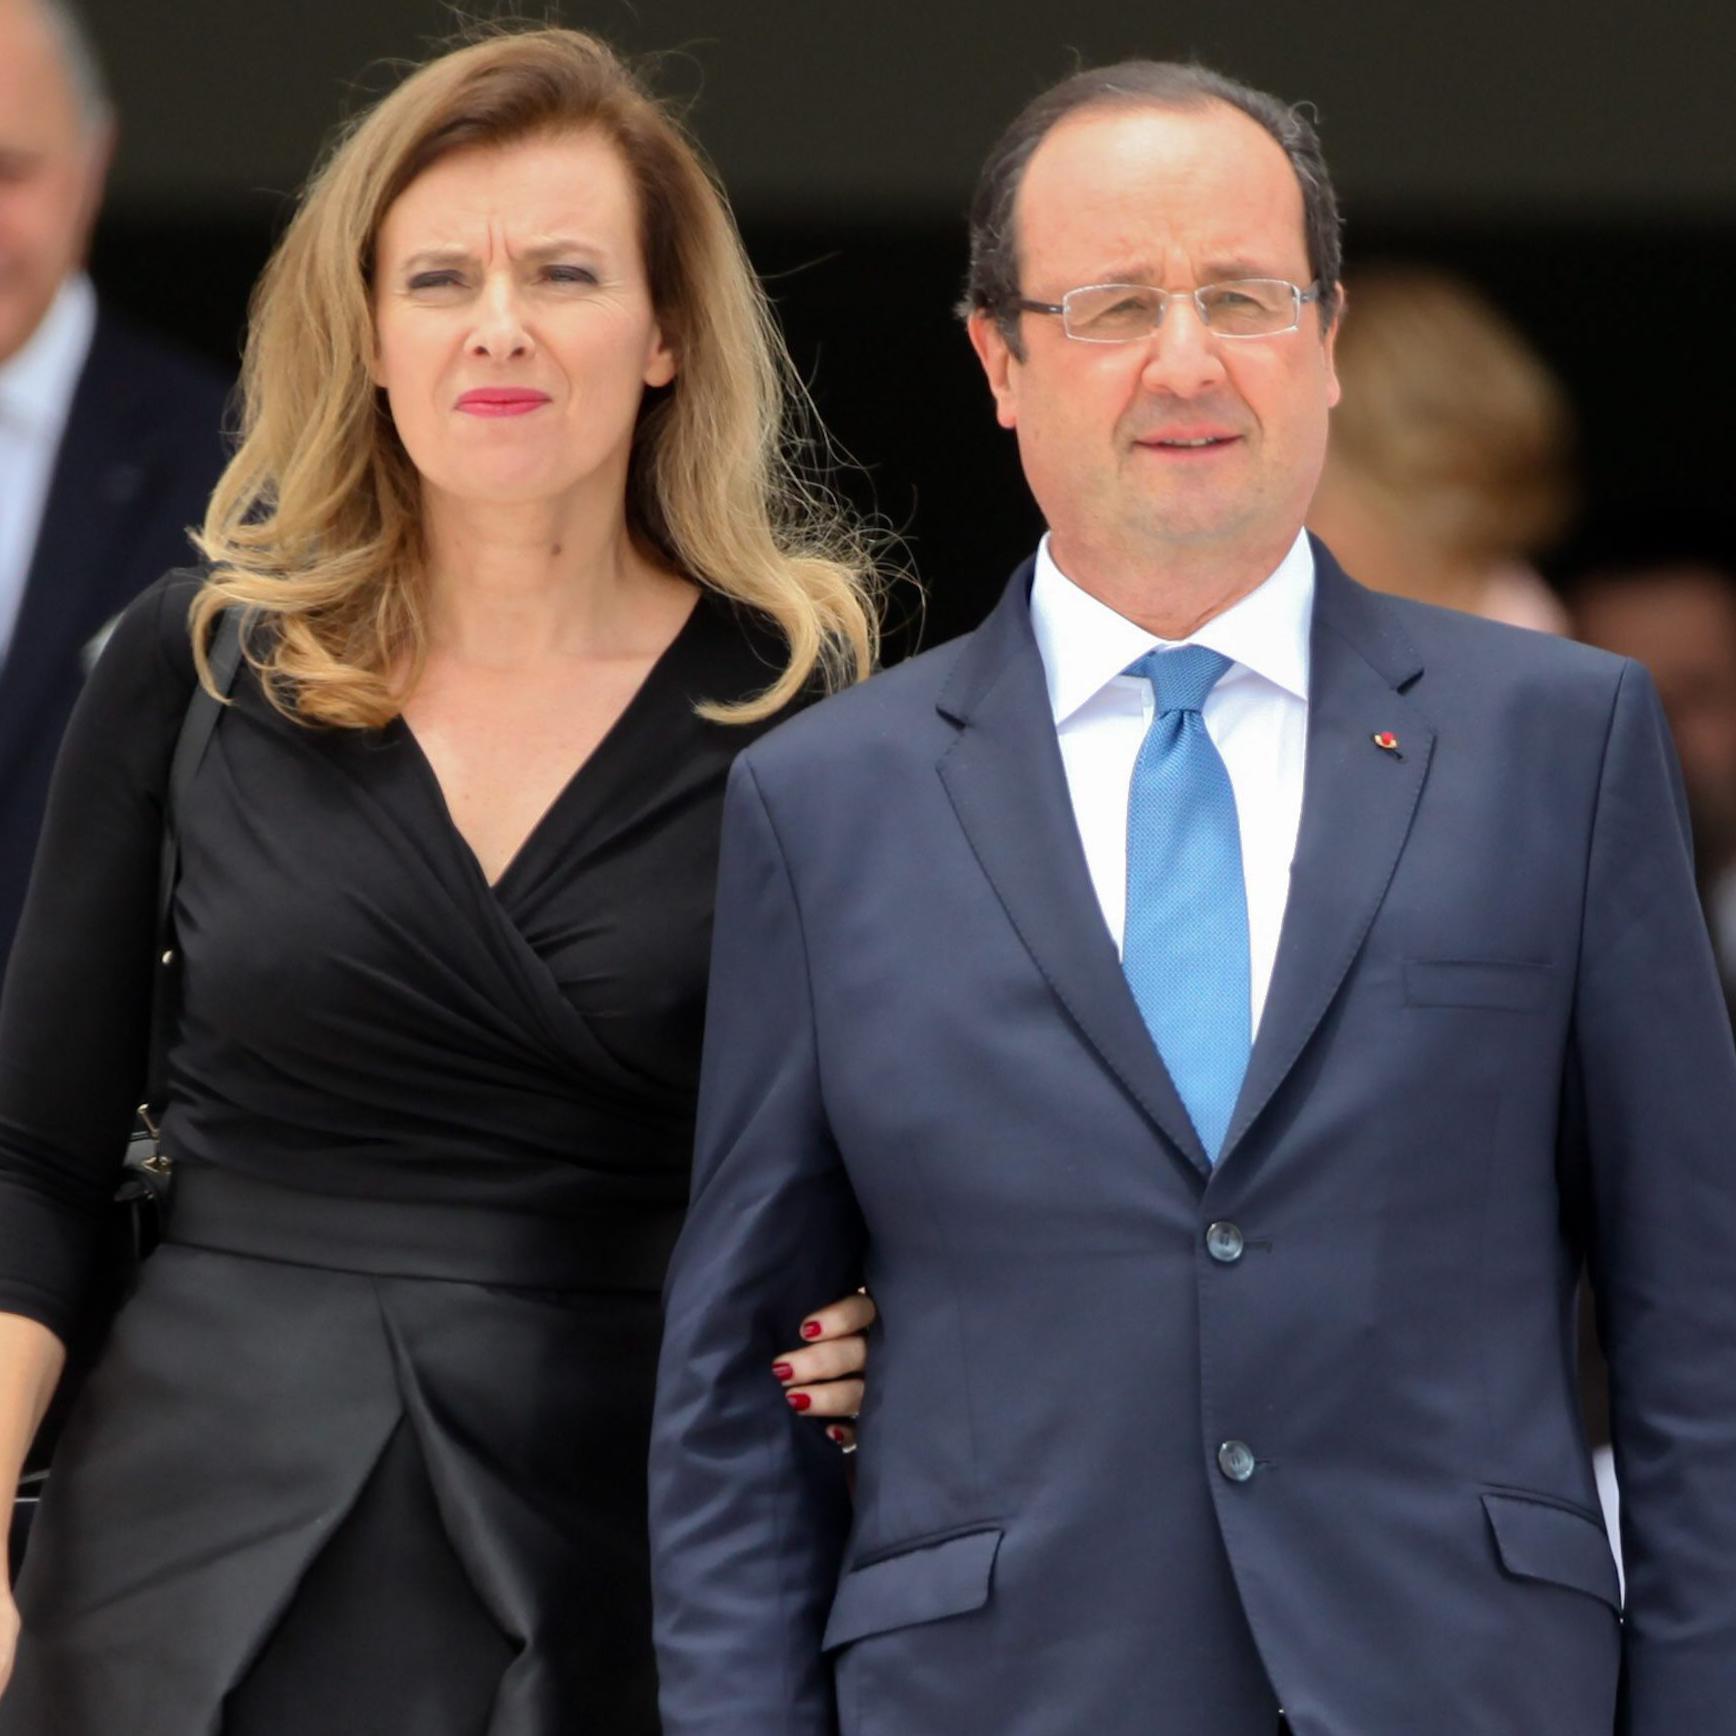 françois hollande et valérie trierweiler rencontre